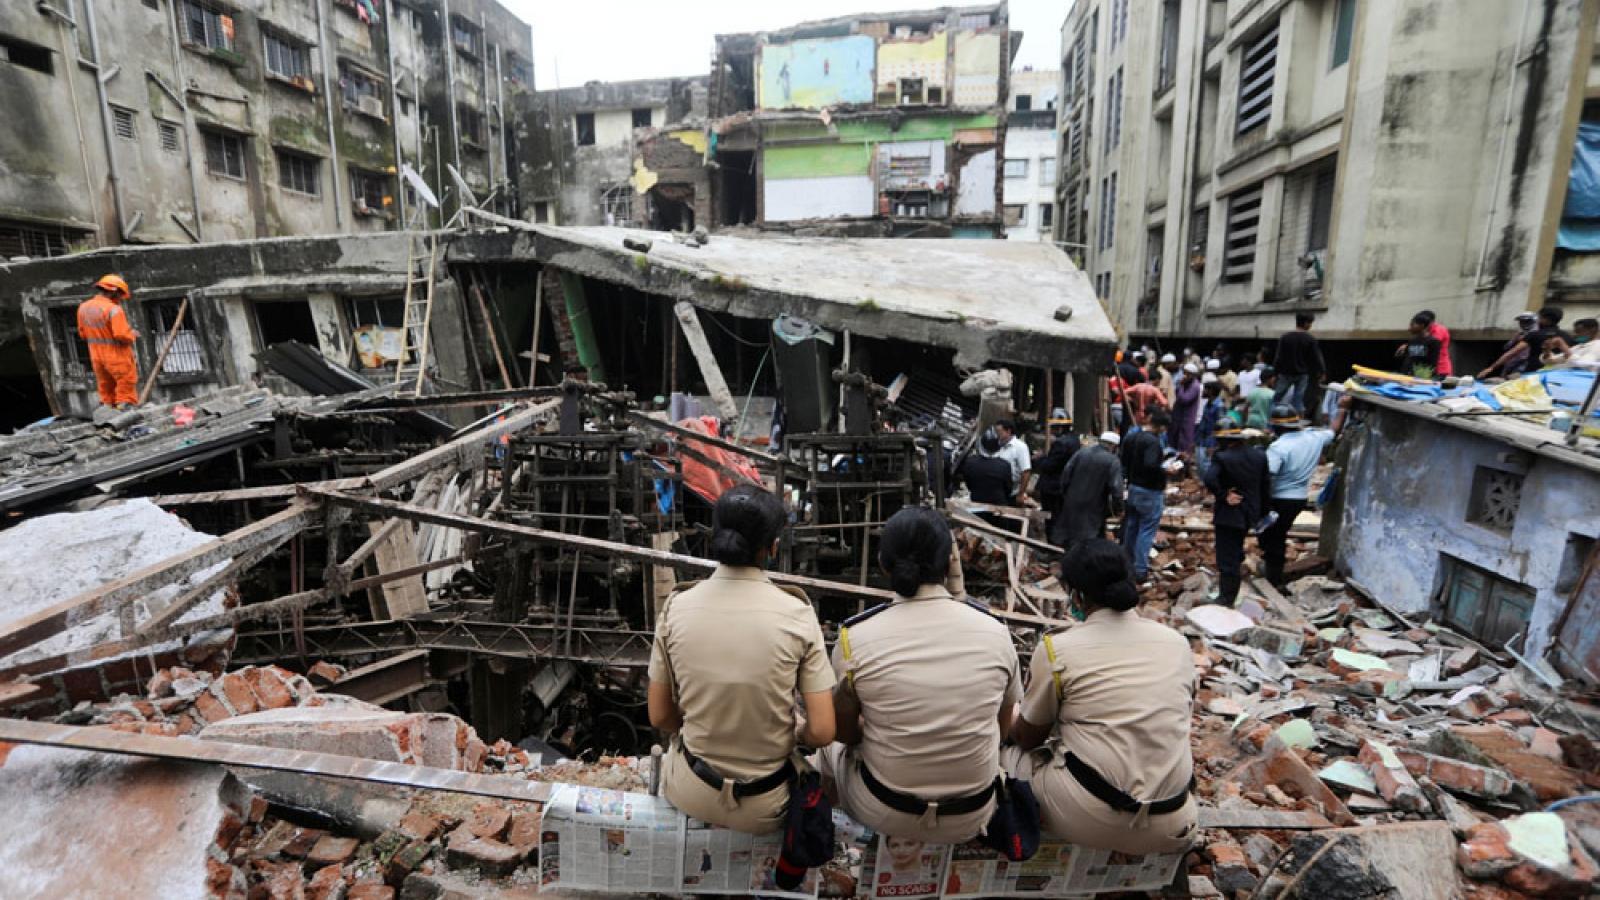 Vụ sập nhà chung cư Ấn Độ: Số người thiệt mạng tăng lên 35